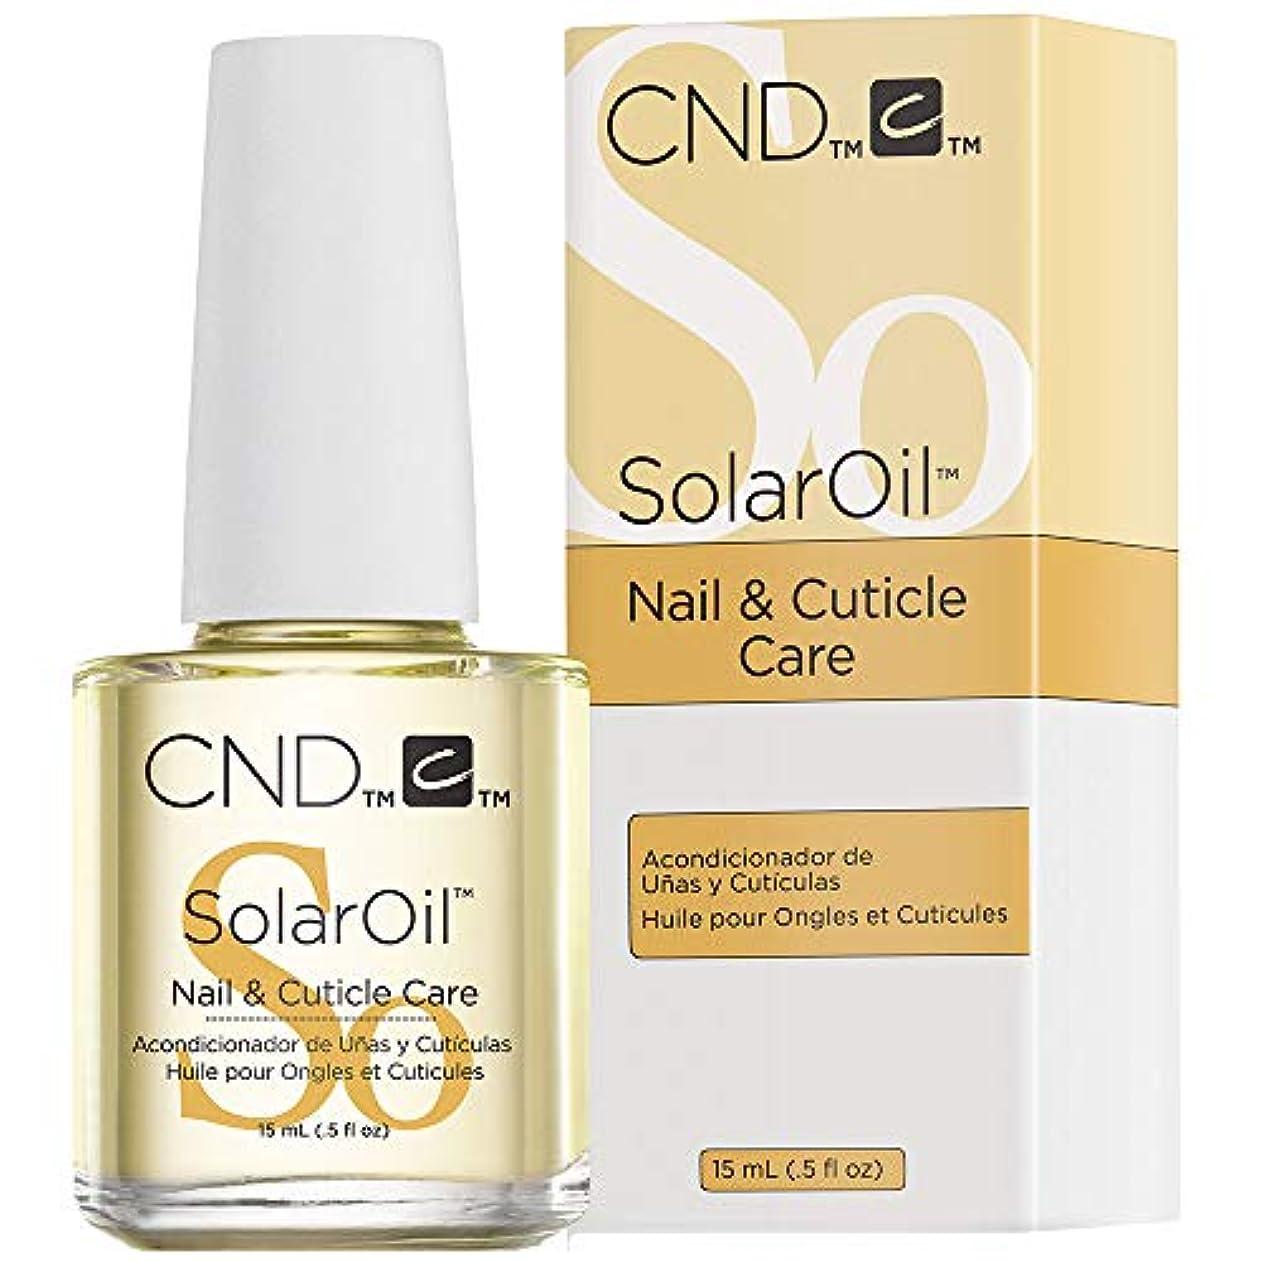 成長するリスキーなアデレードCND solar Oil nail and cuticle conditioner 15ml